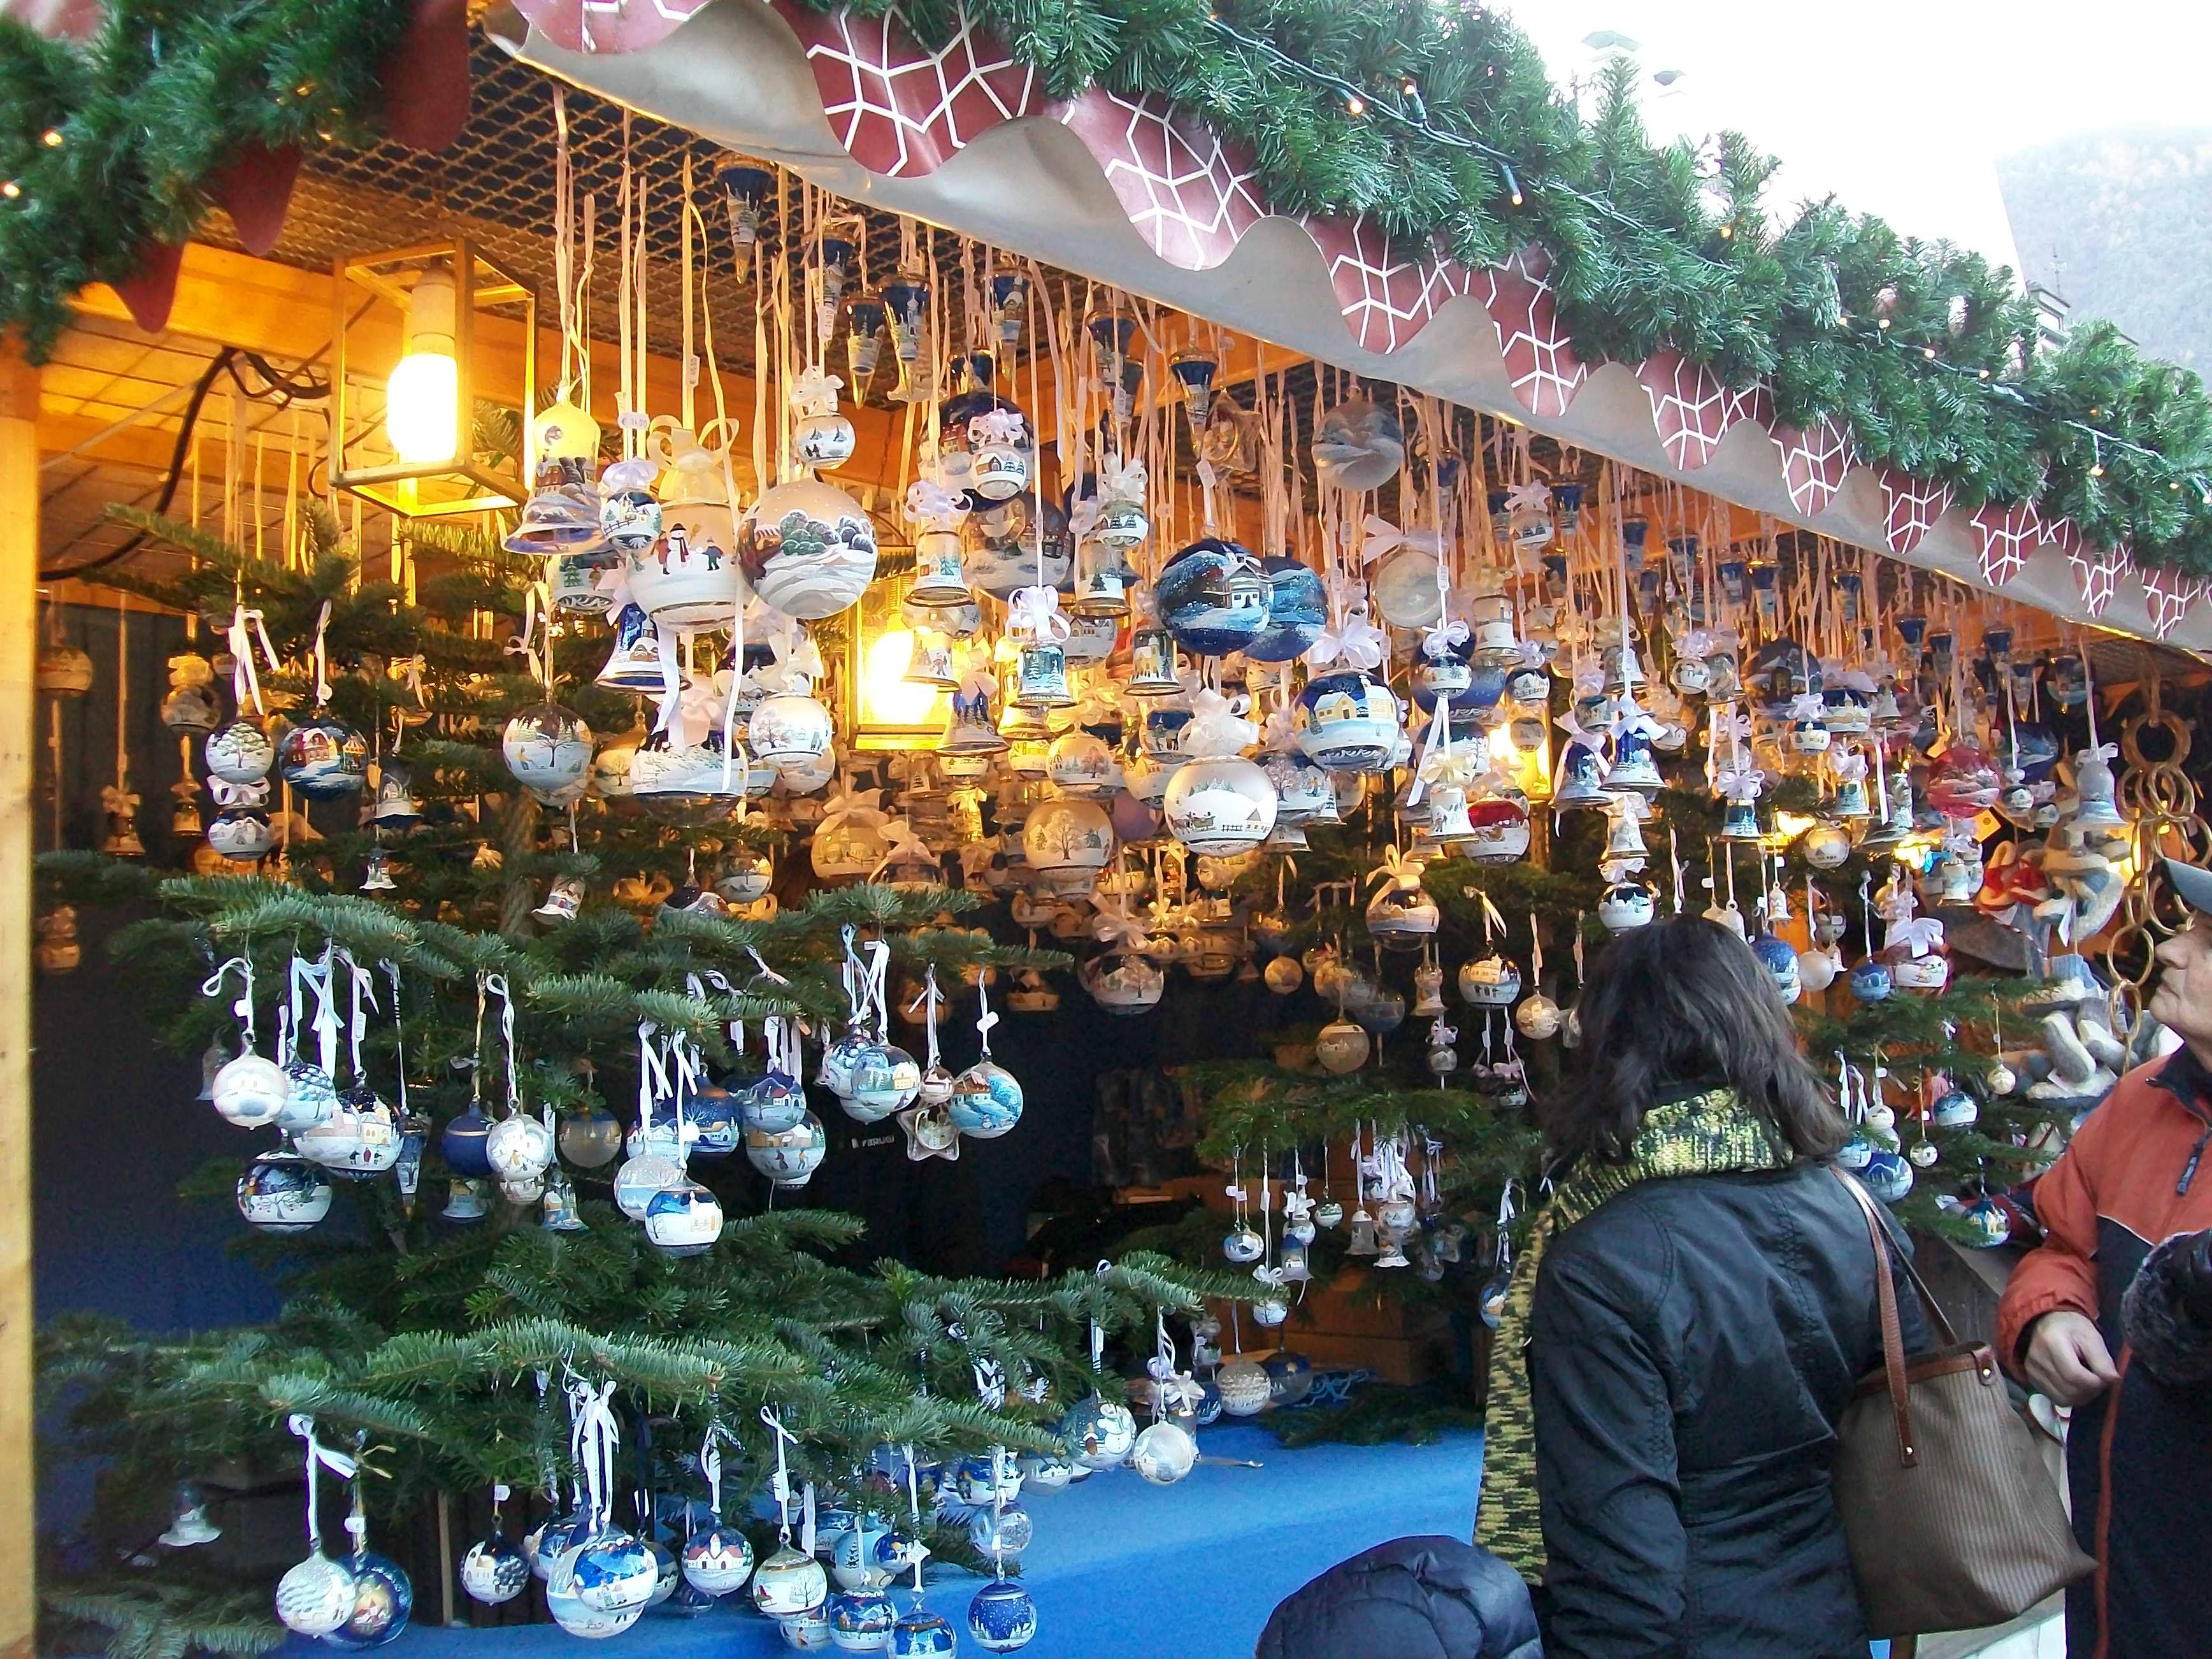 Immagini Mercatini Di Natale Merano.Bolzano Merano E Vipiteno Con I Mercatini Di Natale